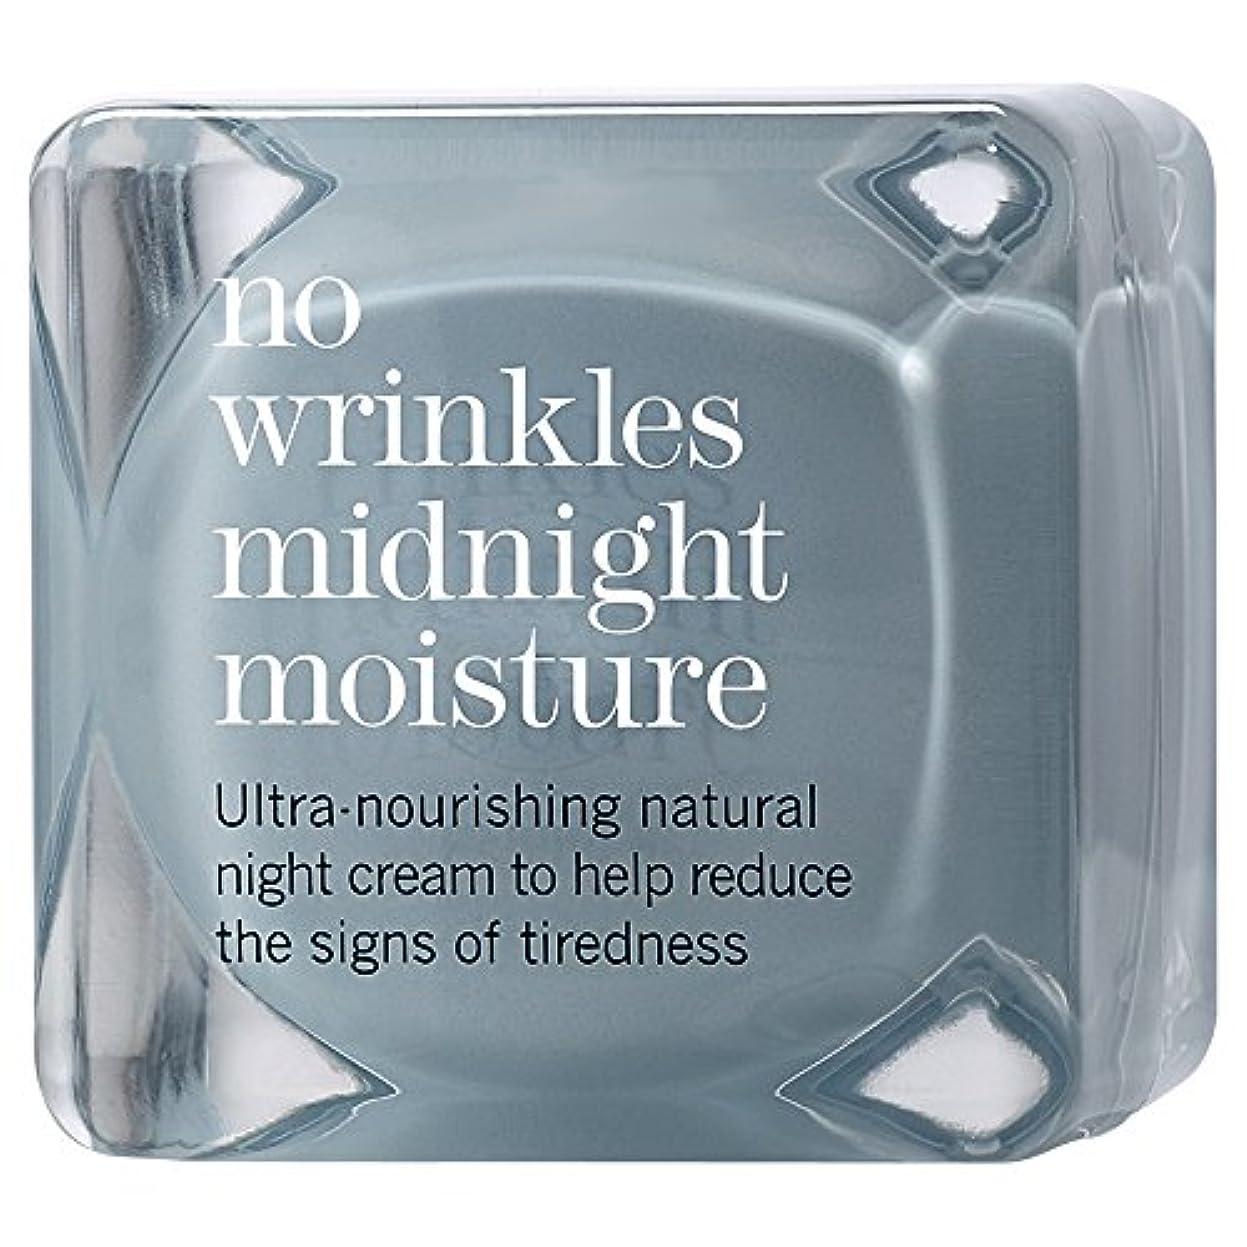 一般化する暴徒消化器これにはしわ真夜中の水分48ミリリットルの作品はありません (This Works) (x6) - This Works No Wrinkles Midnight Moisture 48ml (Pack of 6) [並行輸入品]